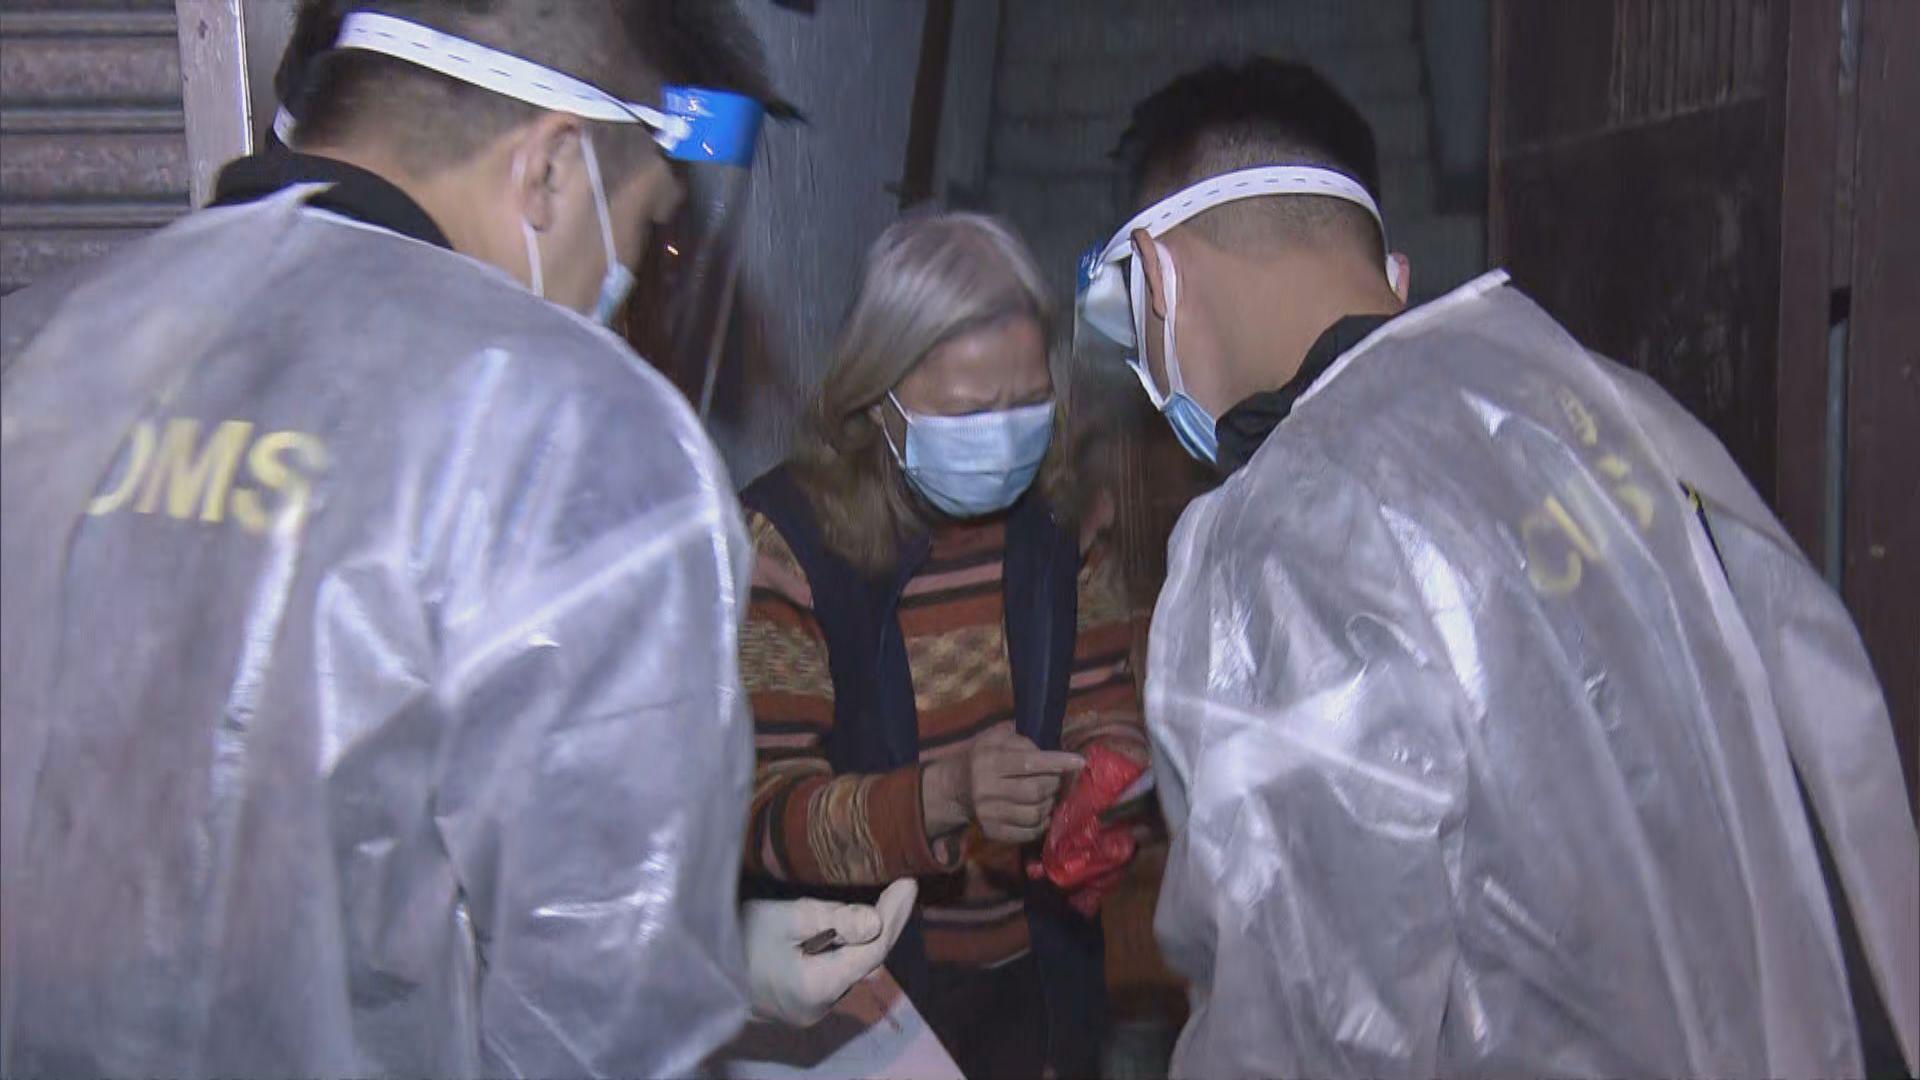 佐敦受限區域解封 紀律部隊大廈門口檢查居民檢測證明